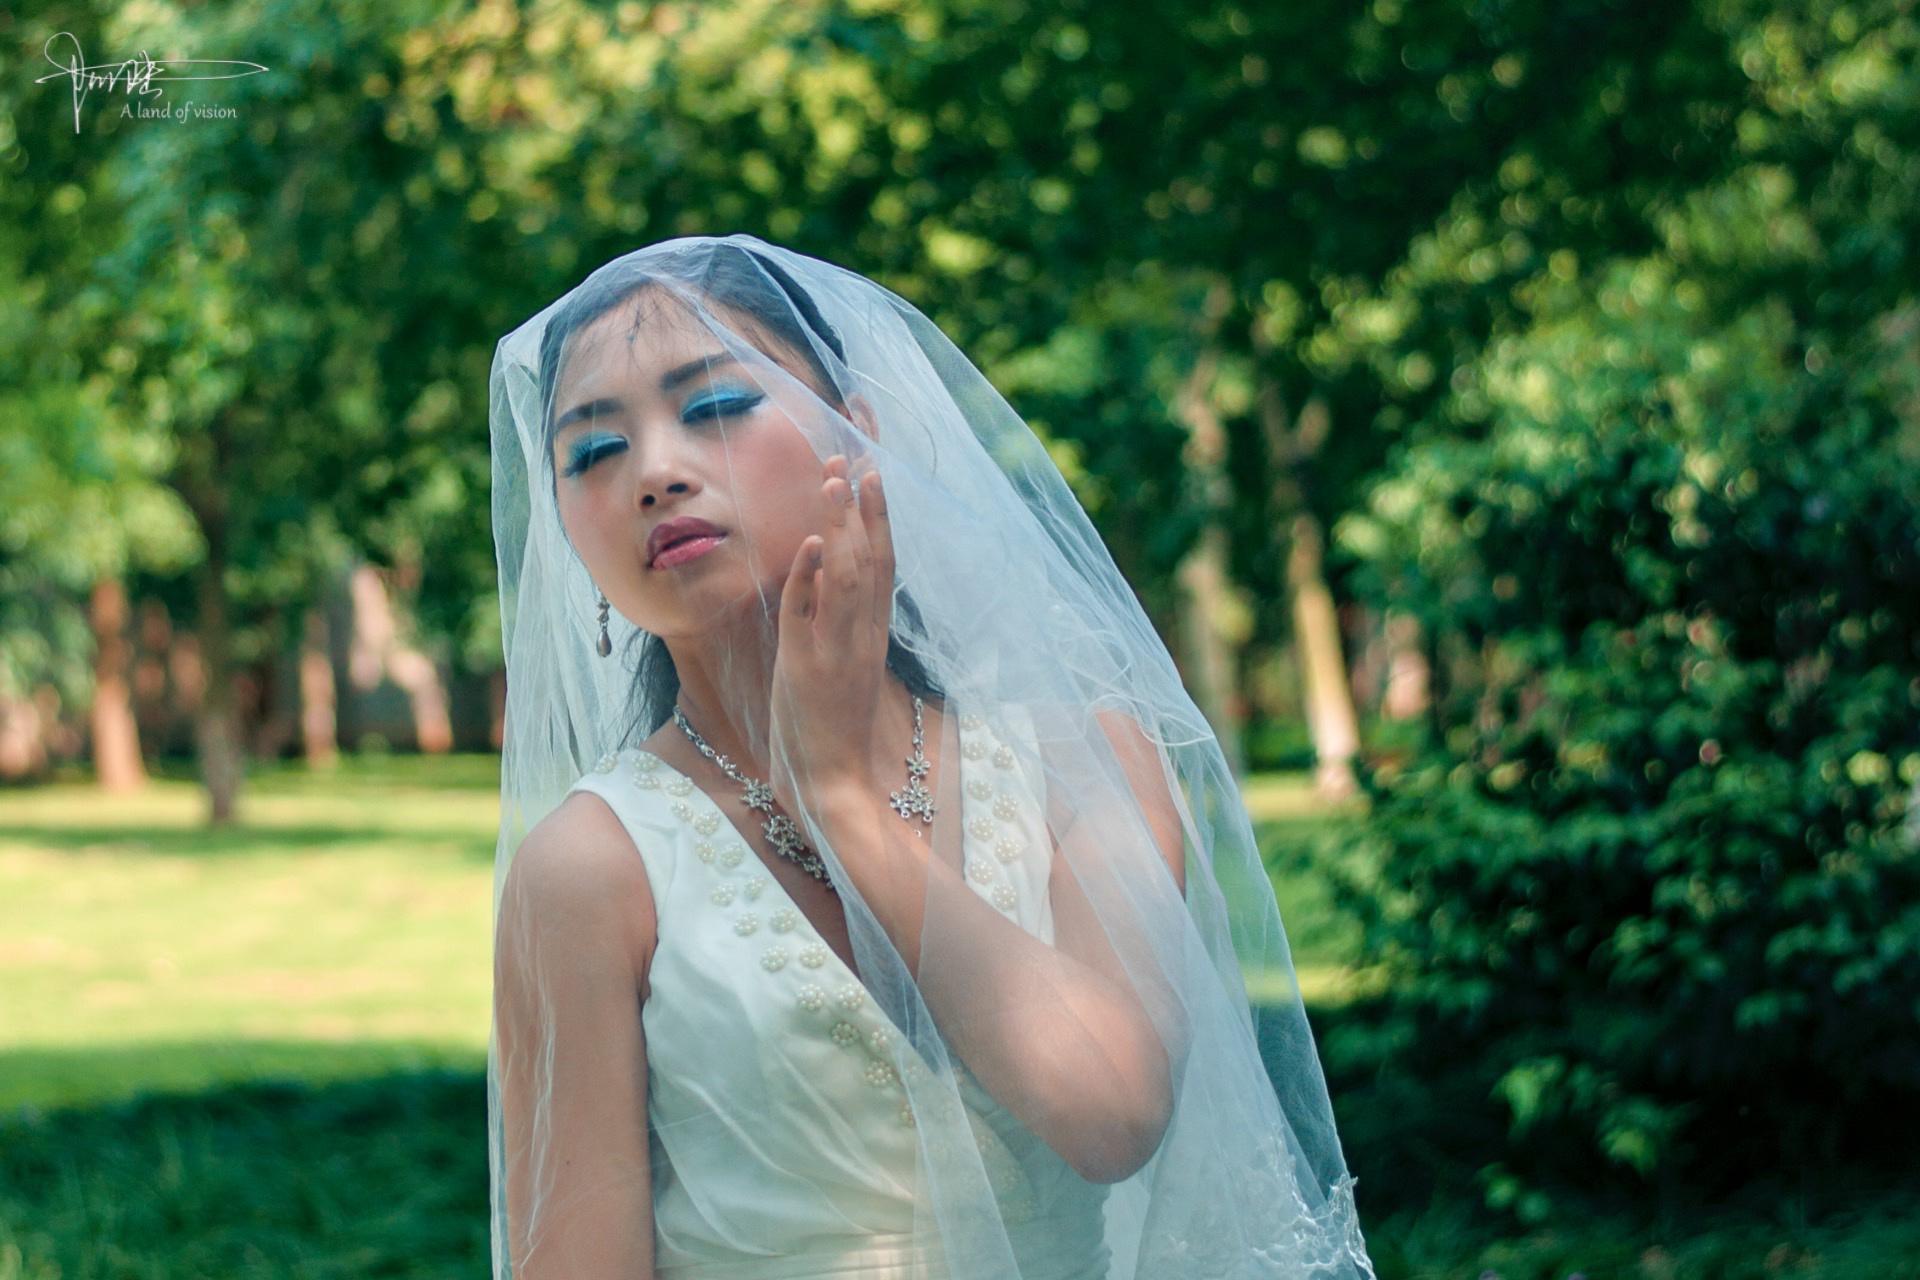 在绿树成荫的公园里,遇见一袭婚纱的新娘